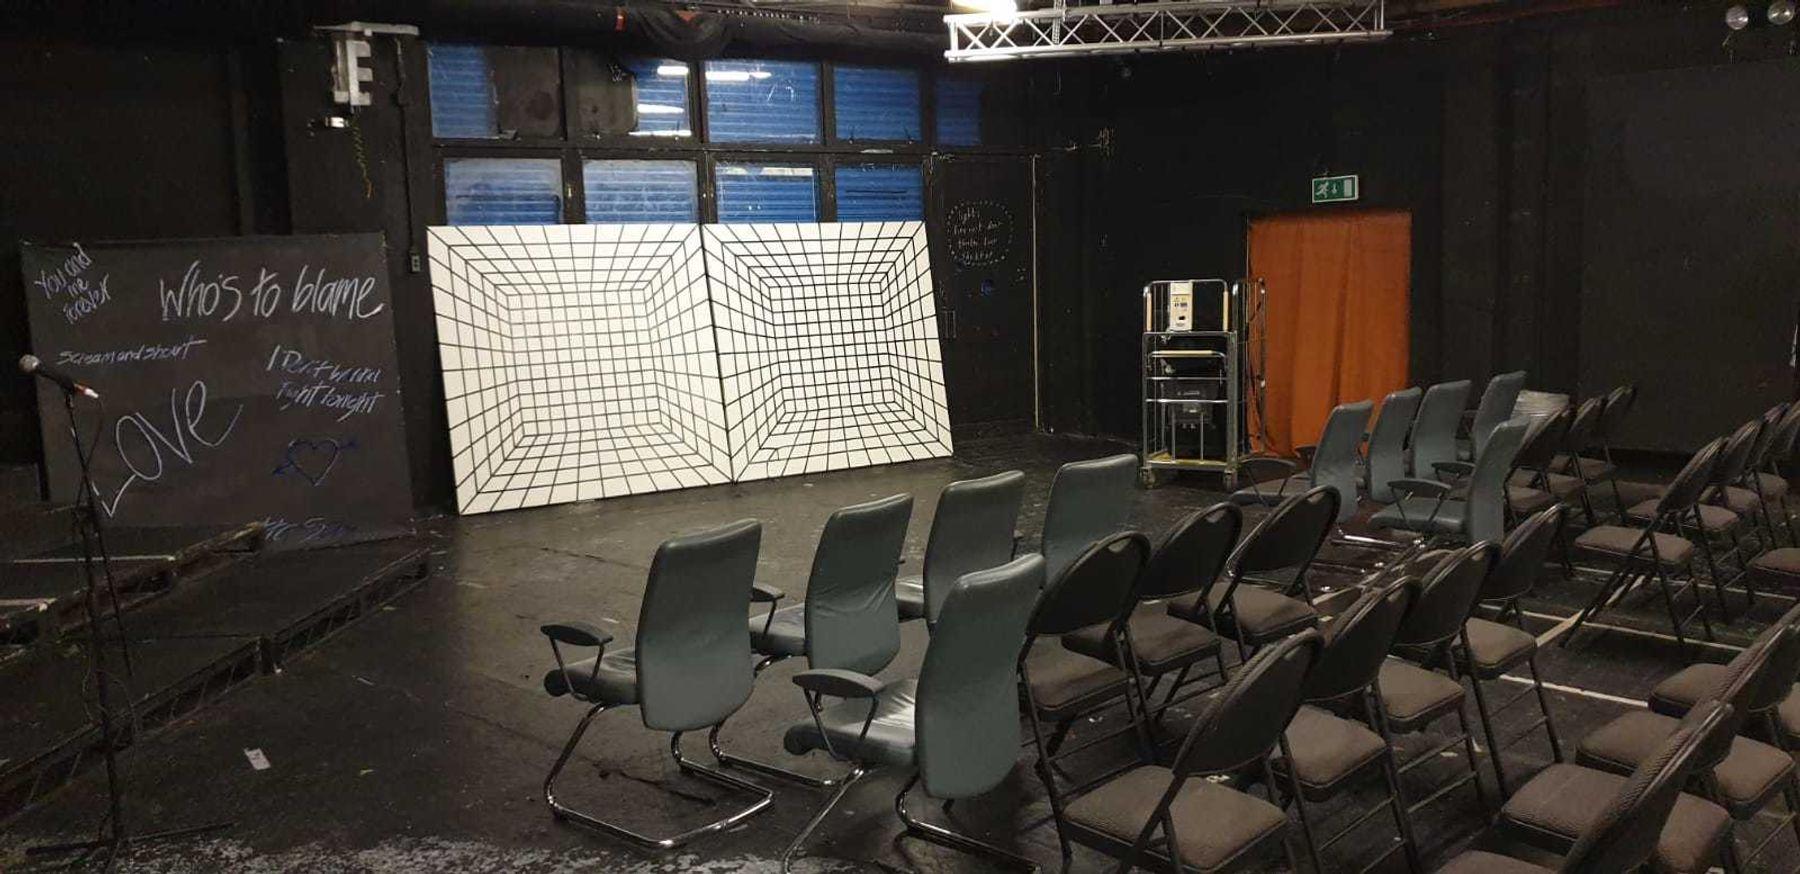 McQueens' Theatre